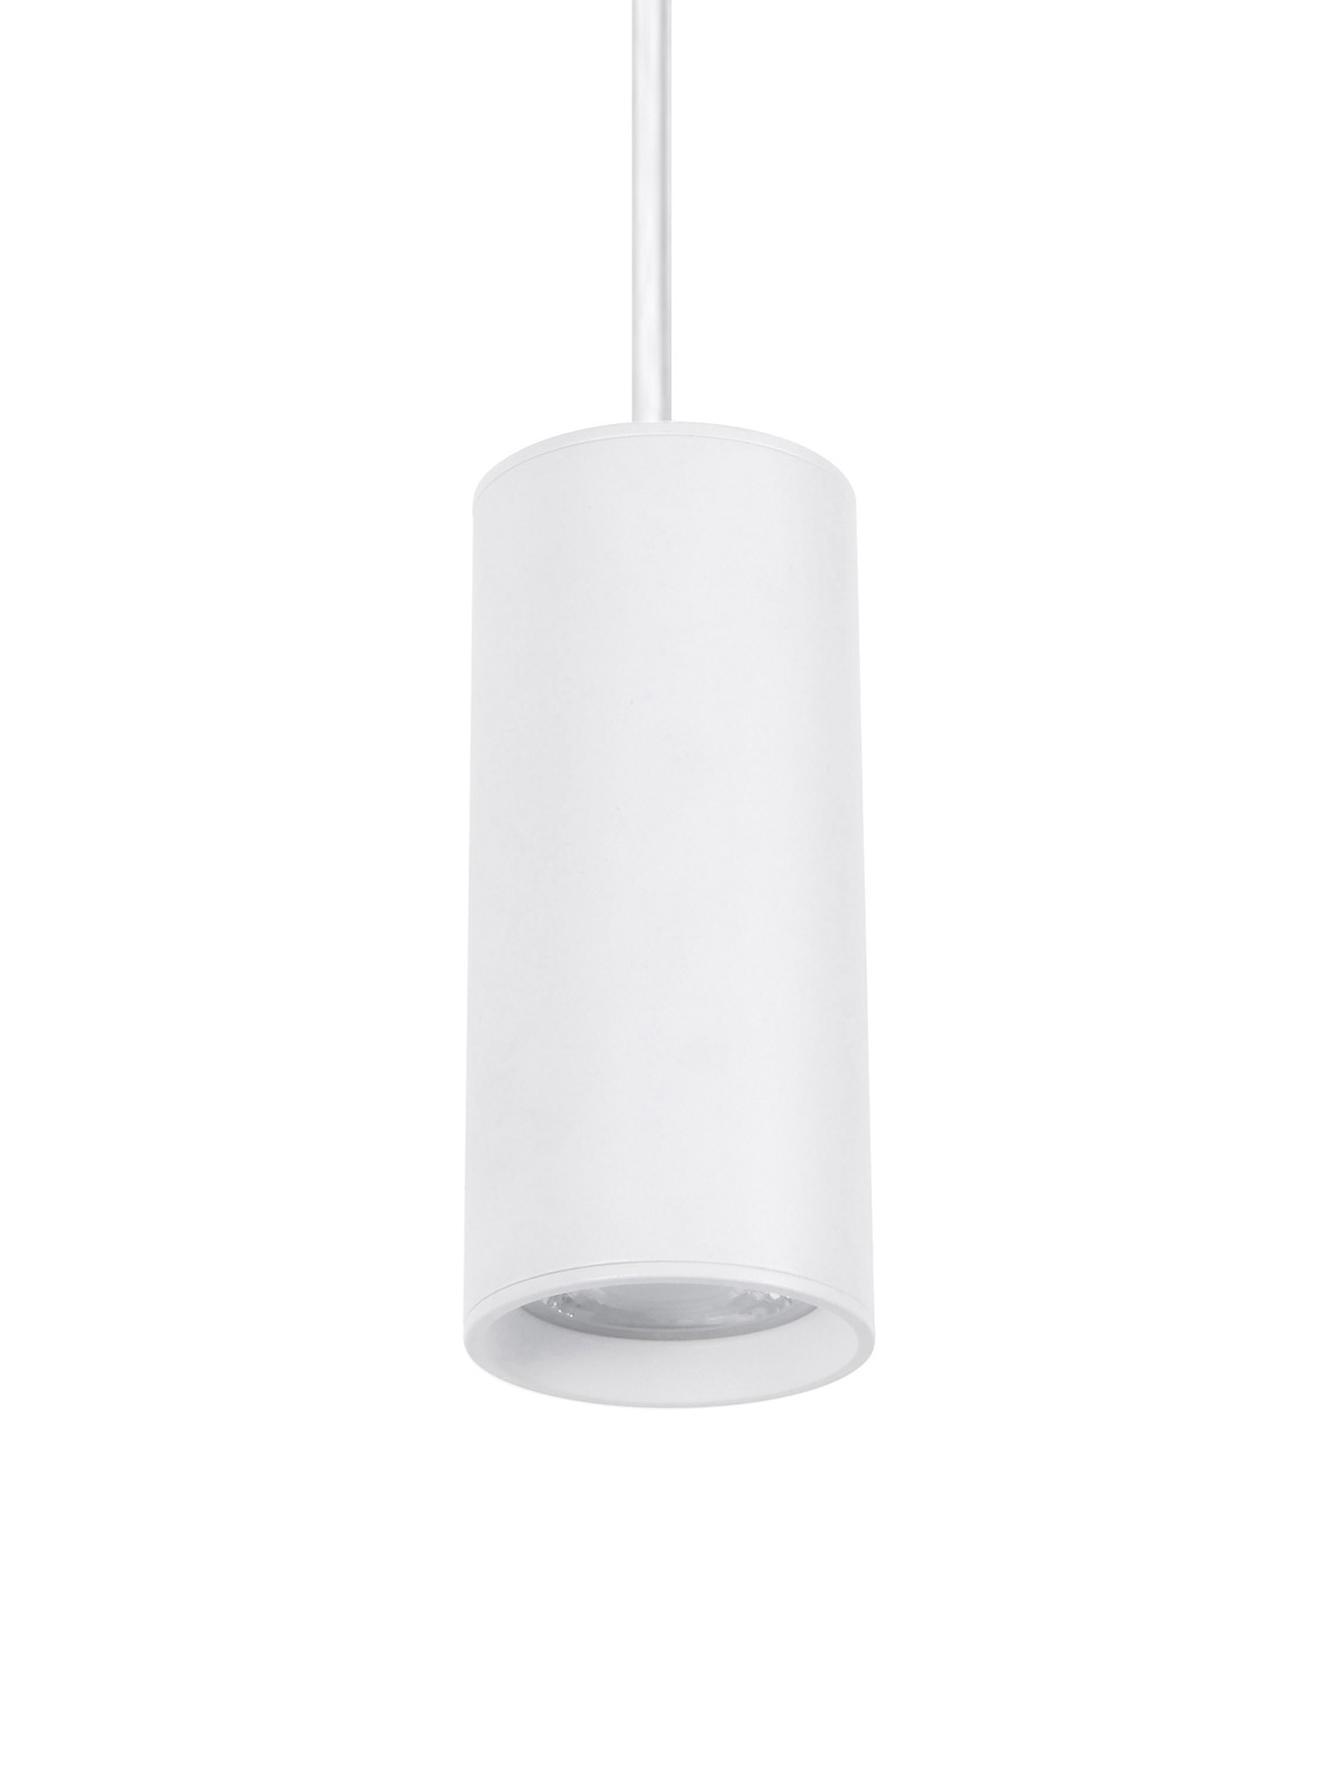 Mała lampa wisząca Aila, Biały, Ø 6 x W 120 cm